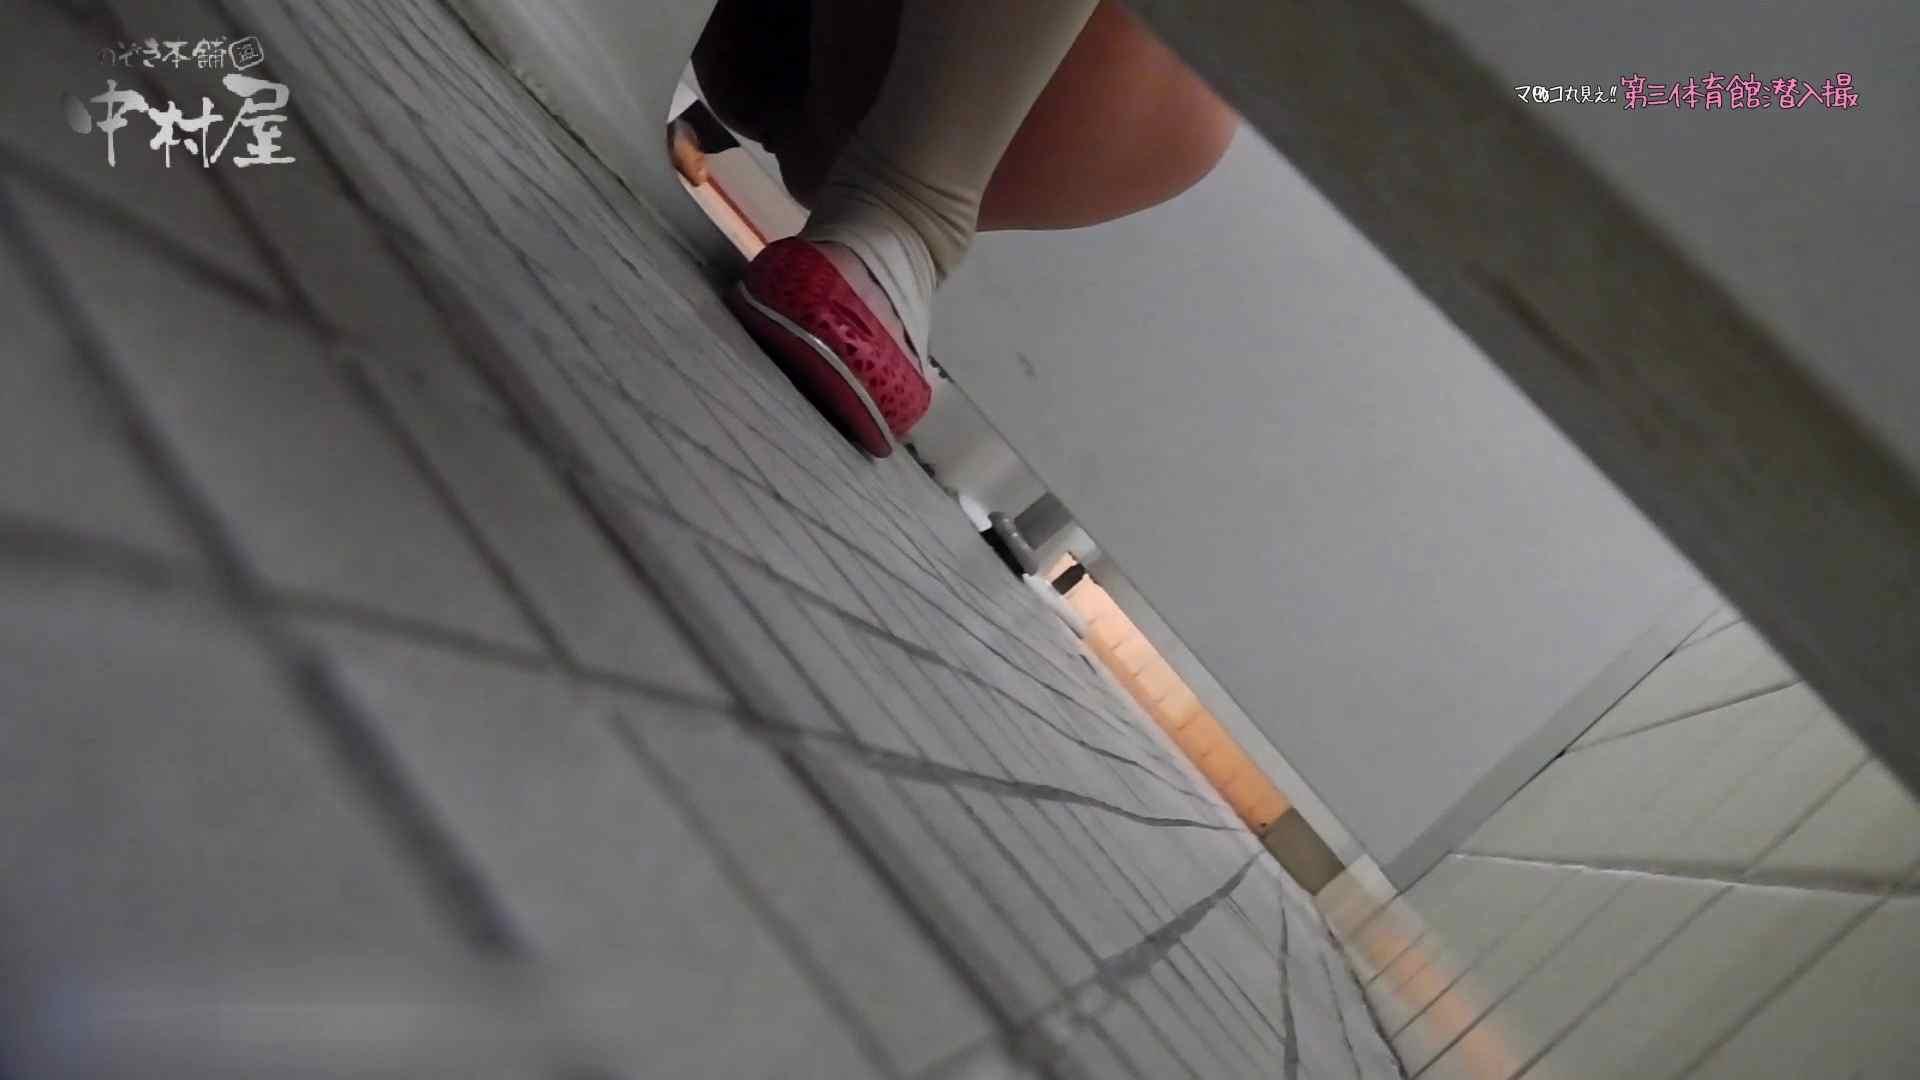 第三体育館File044長身のバレー部員が目の前の個室に入ってくれました。後編 人気シリーズ ヌード画像 106PIX 61